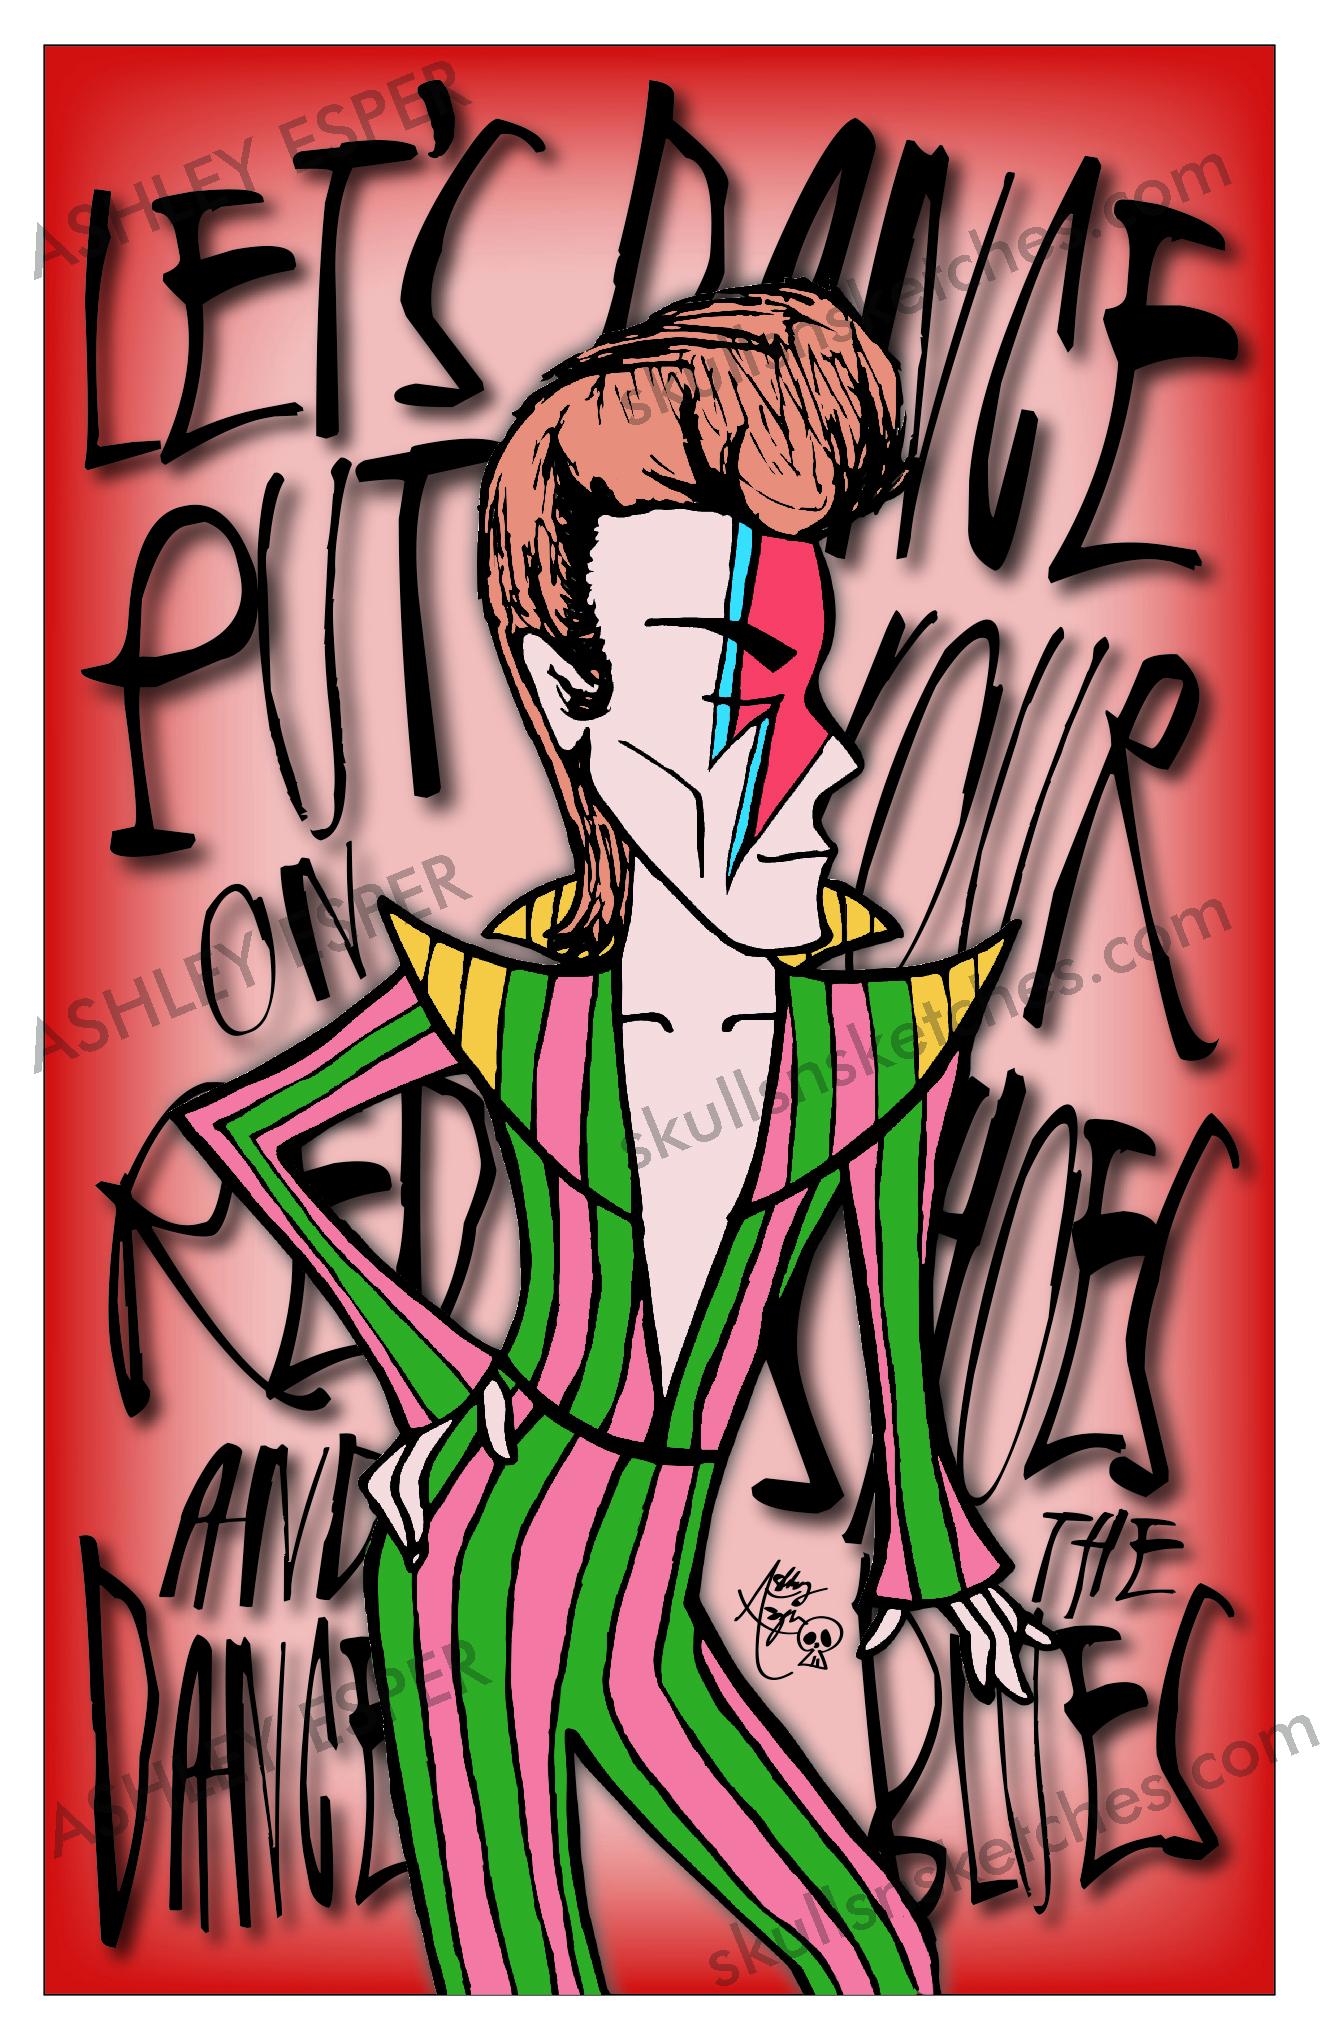 Bowie_WM.jpg